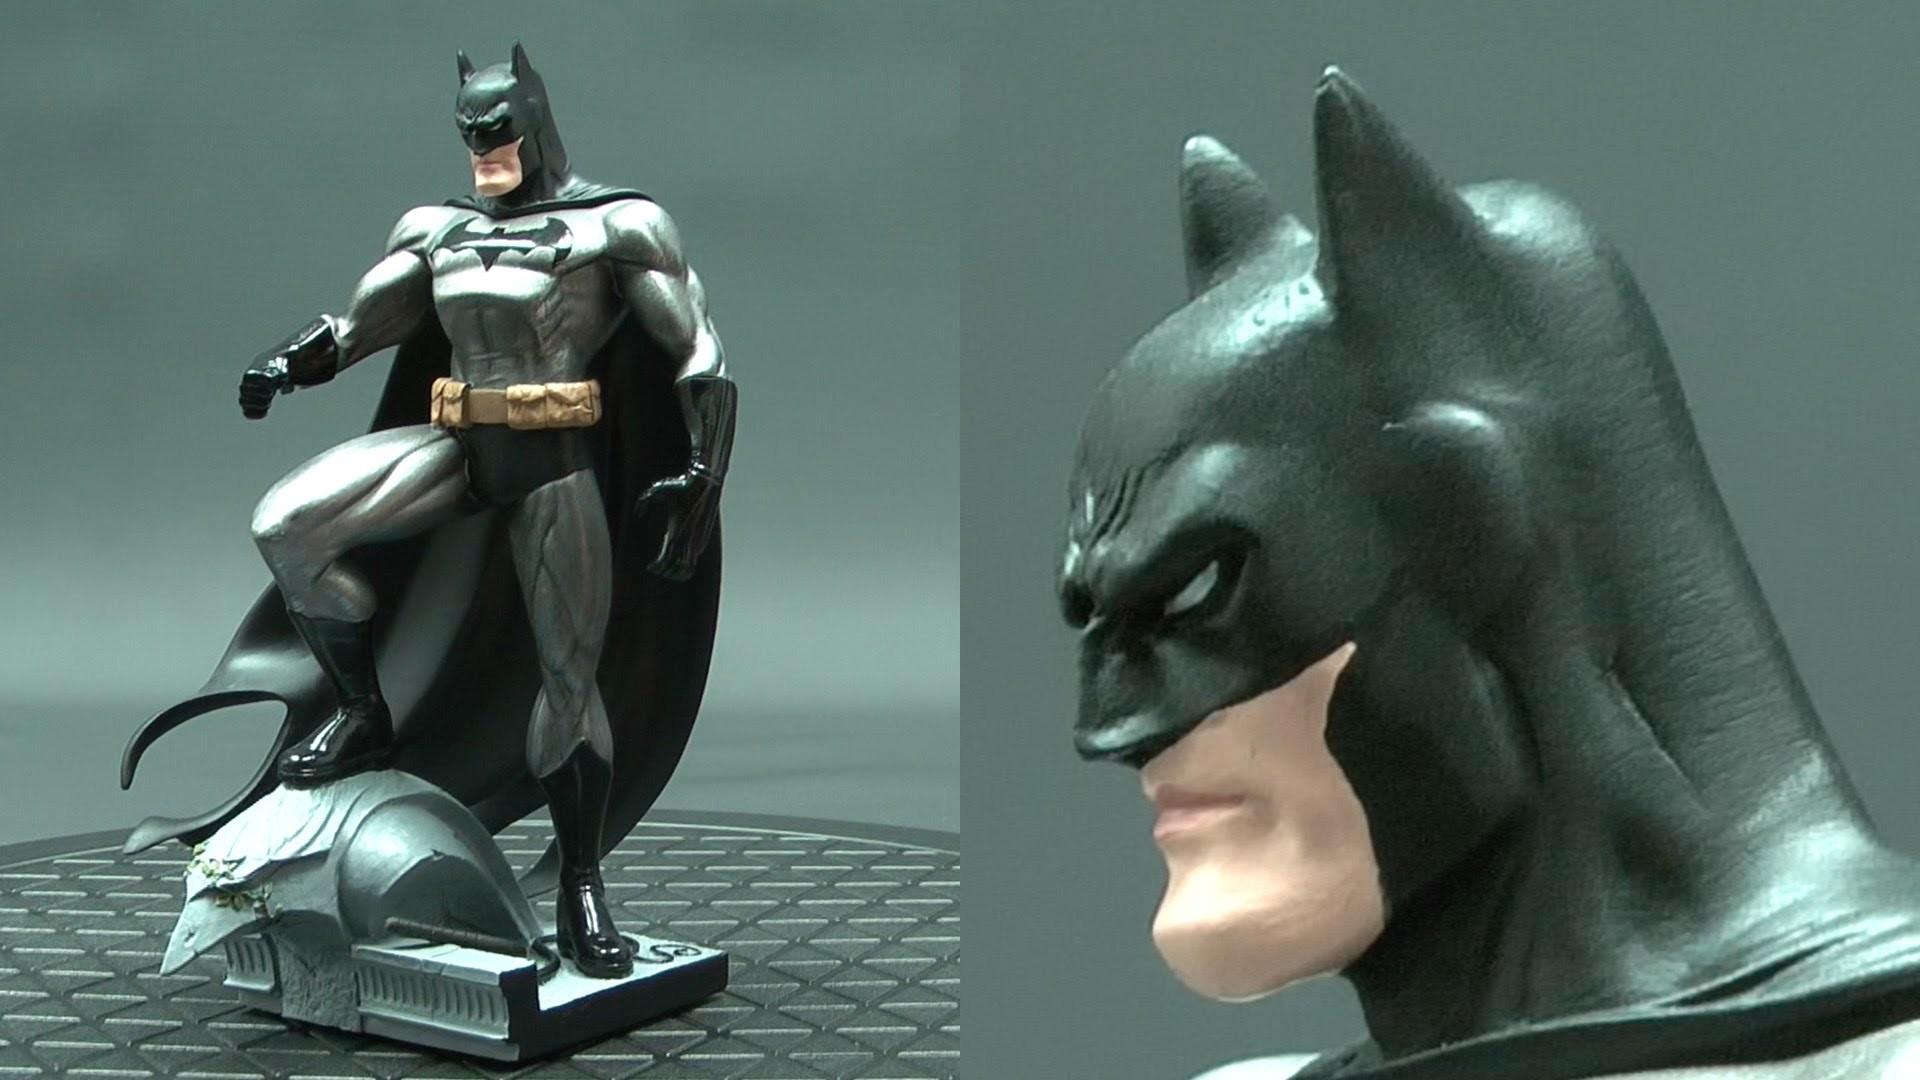 DC Collectibles Batman Mini Statue Design By Jim Lee Review